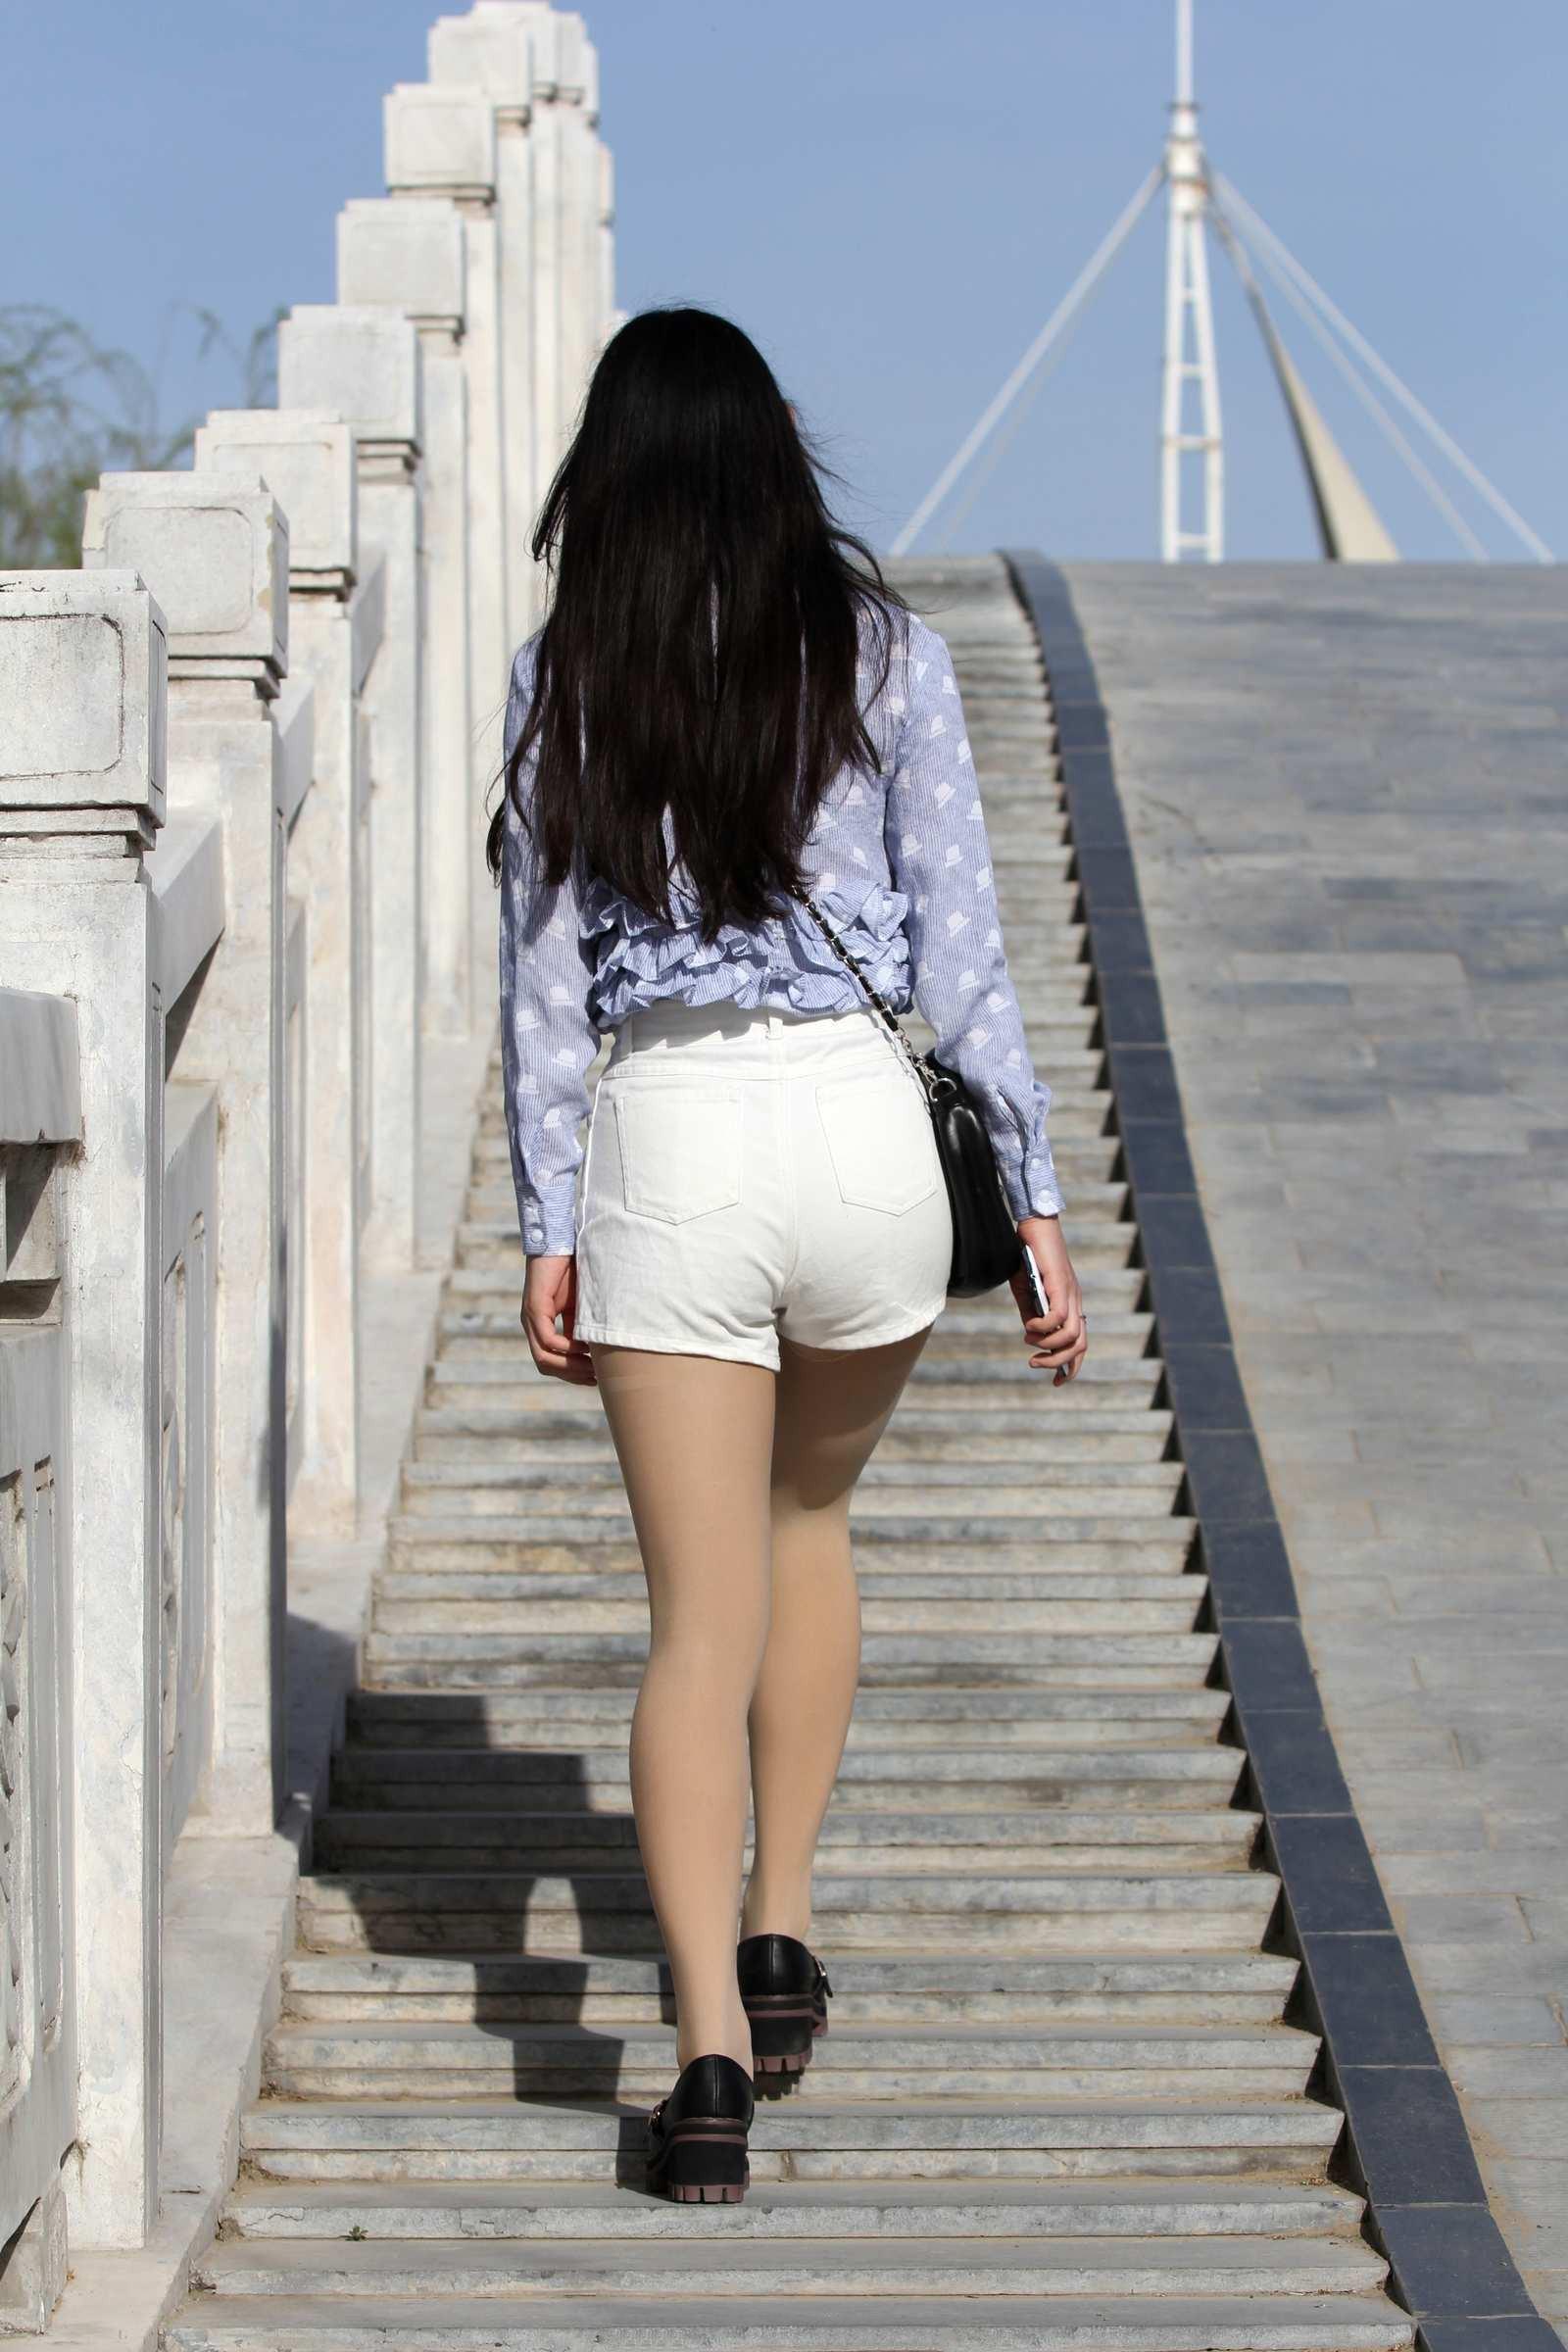 桥上看风景的热裤美女,背影很清纯